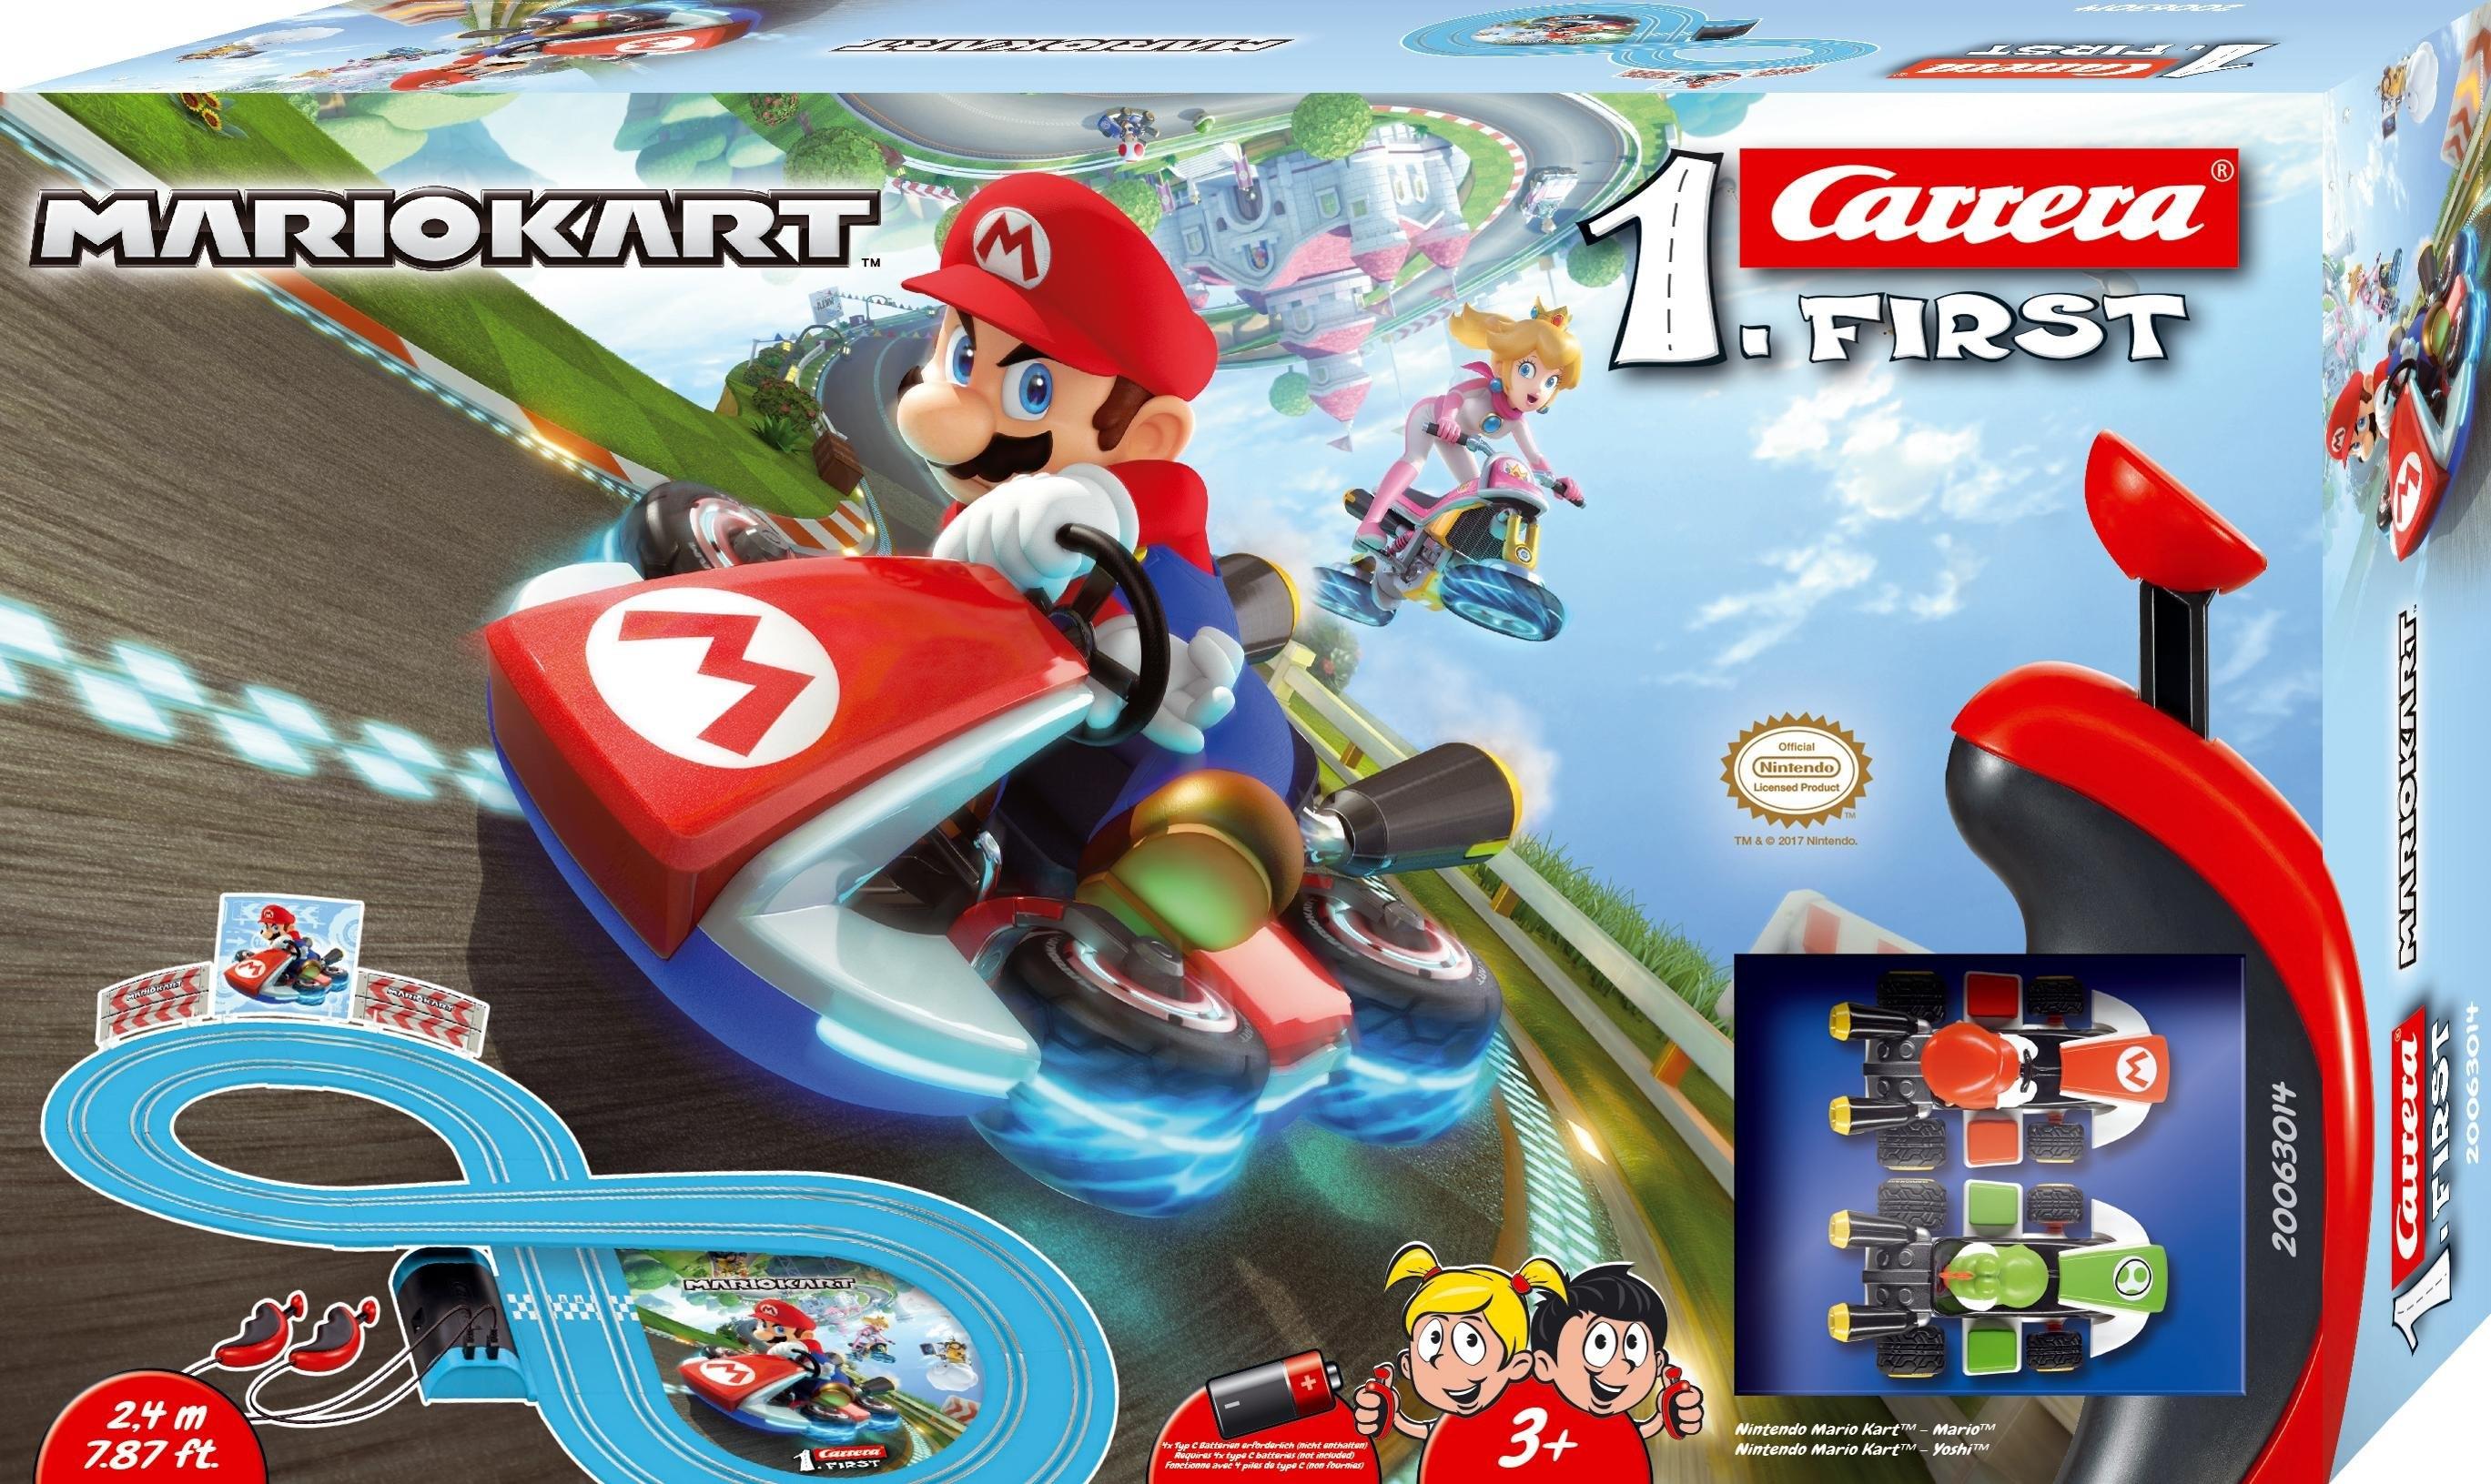 Carrera racecircuit voor kinderen, »Carrera® First Nintendo Mario Kart™« - verschillende betaalmethodes